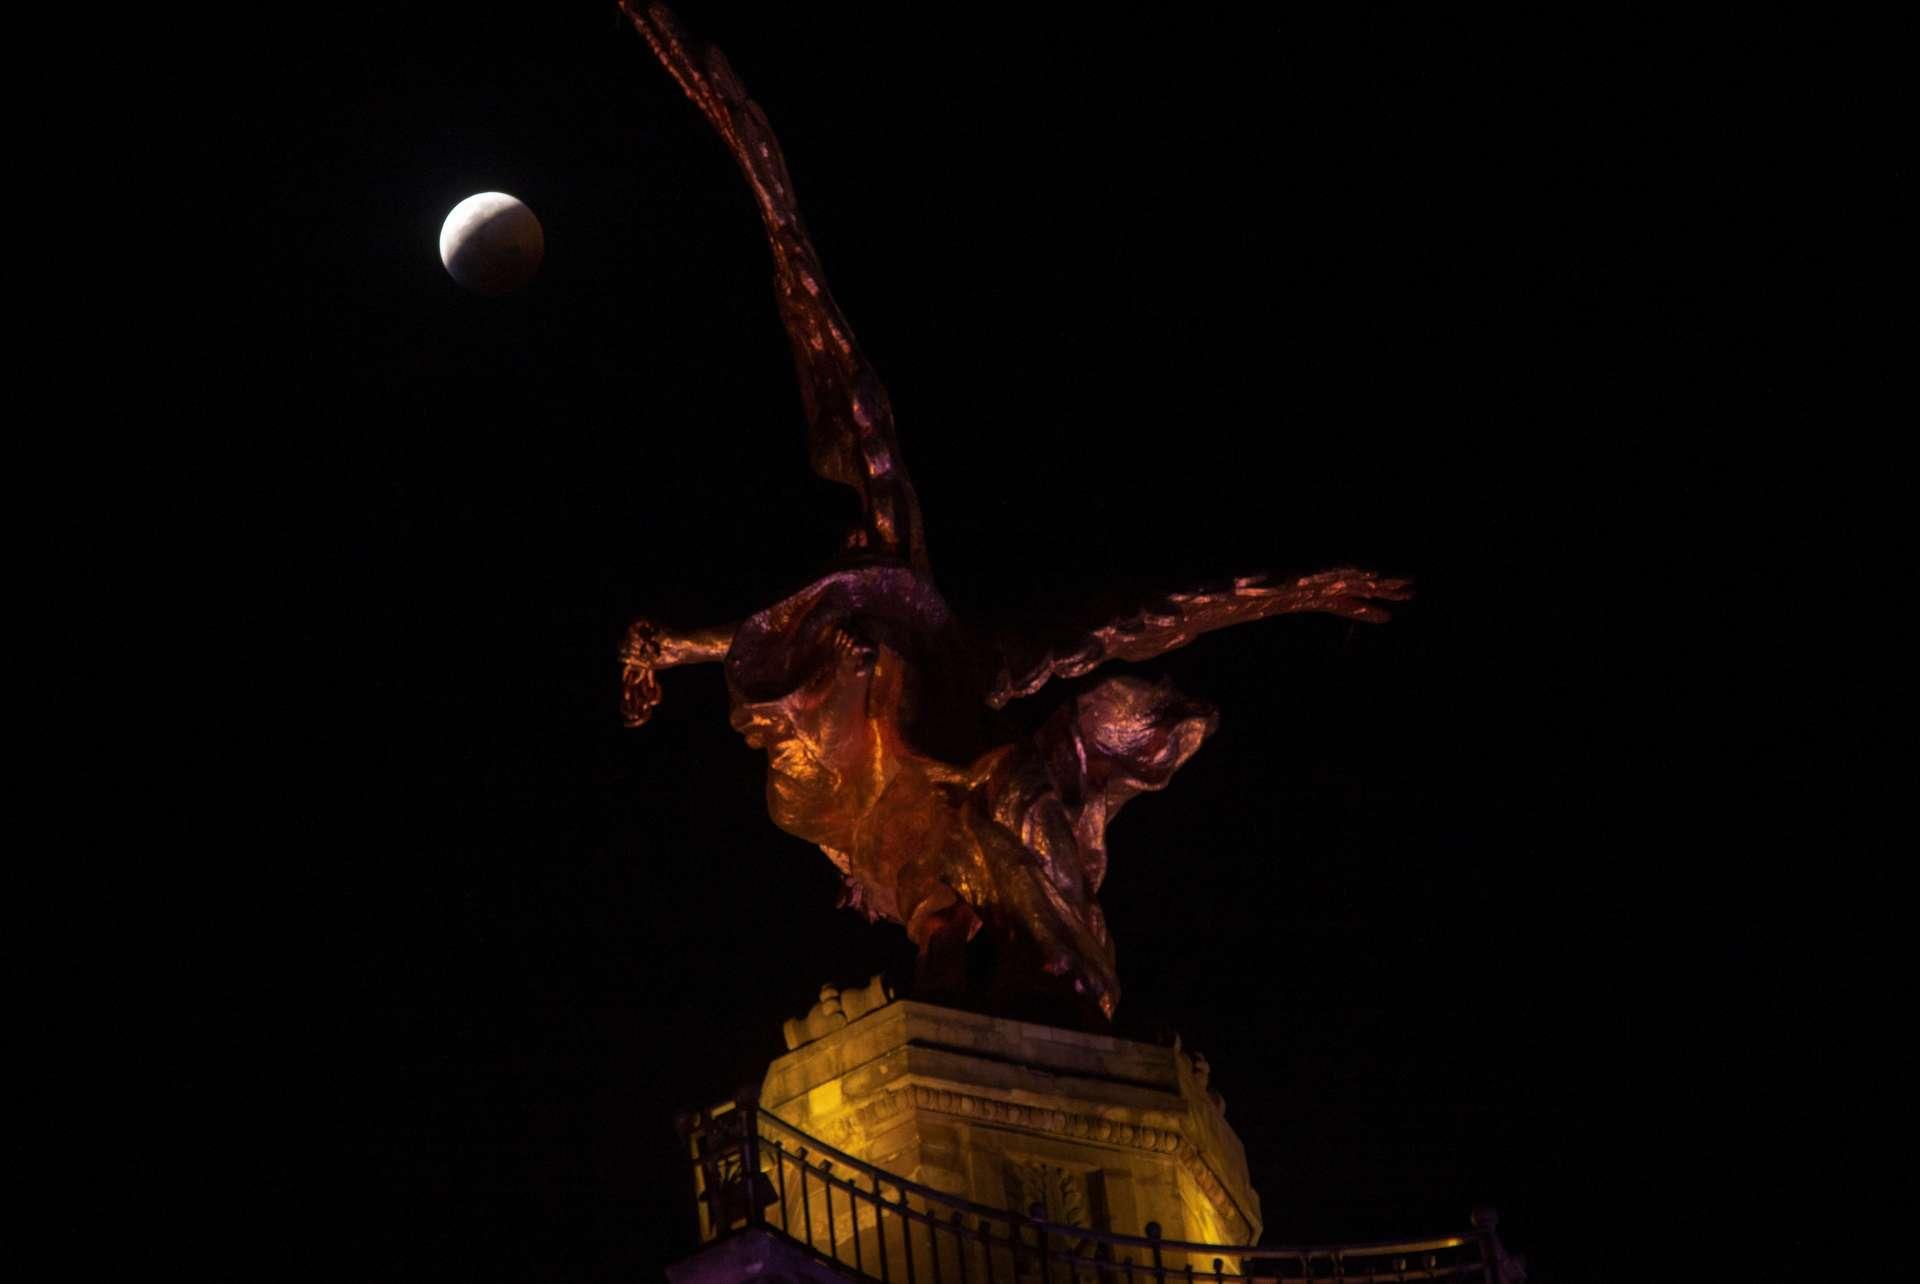 L'éclipse lunaire vue depuis Mexico, au-dessus de la statue« L'Ange de l'Indépendance».